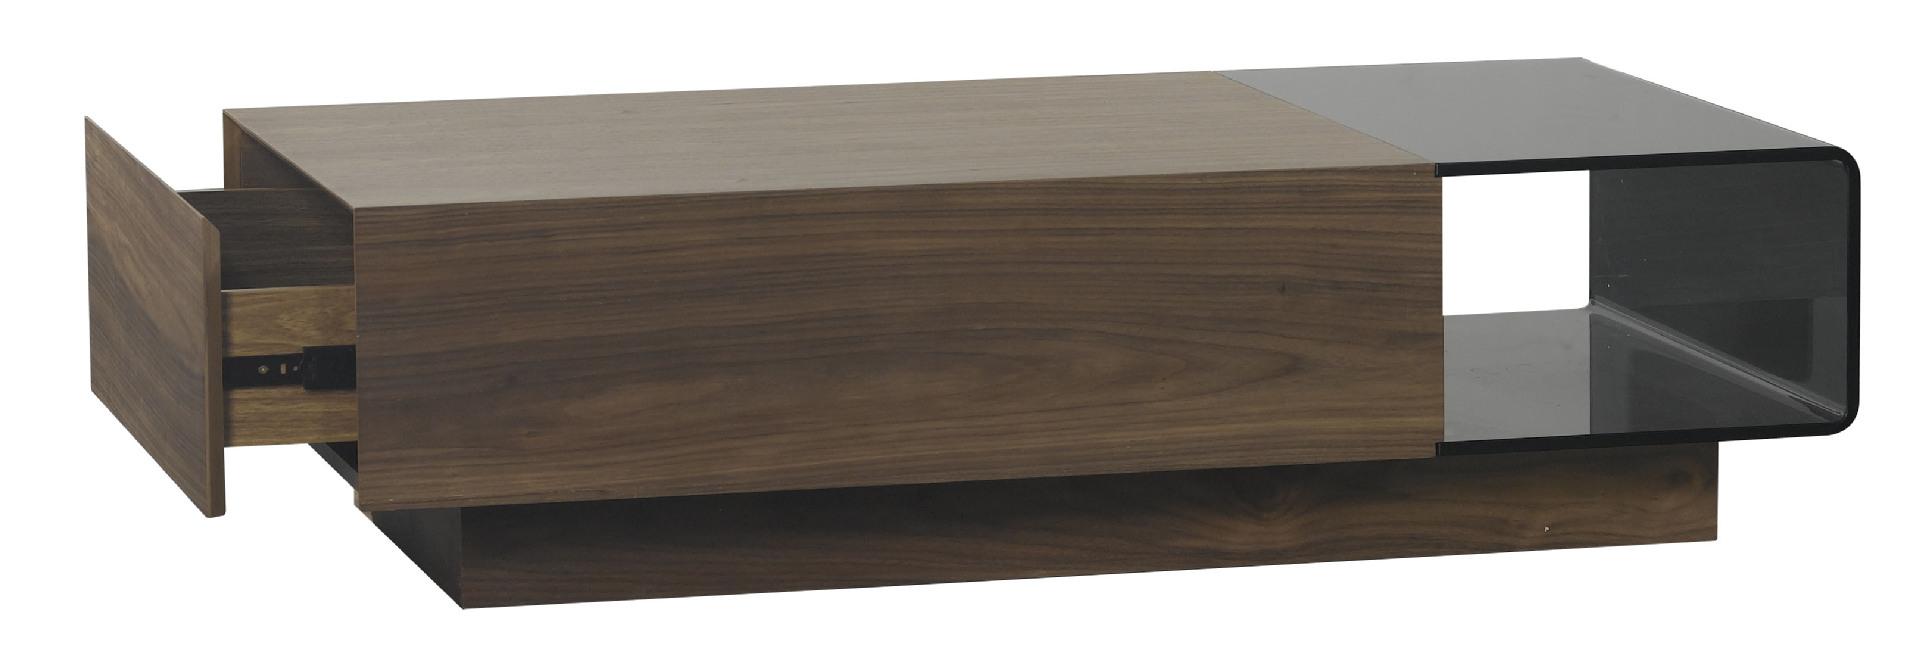 2013新款床头柜广州深圳家具简约高明现代烤中时尚实木瑞图片